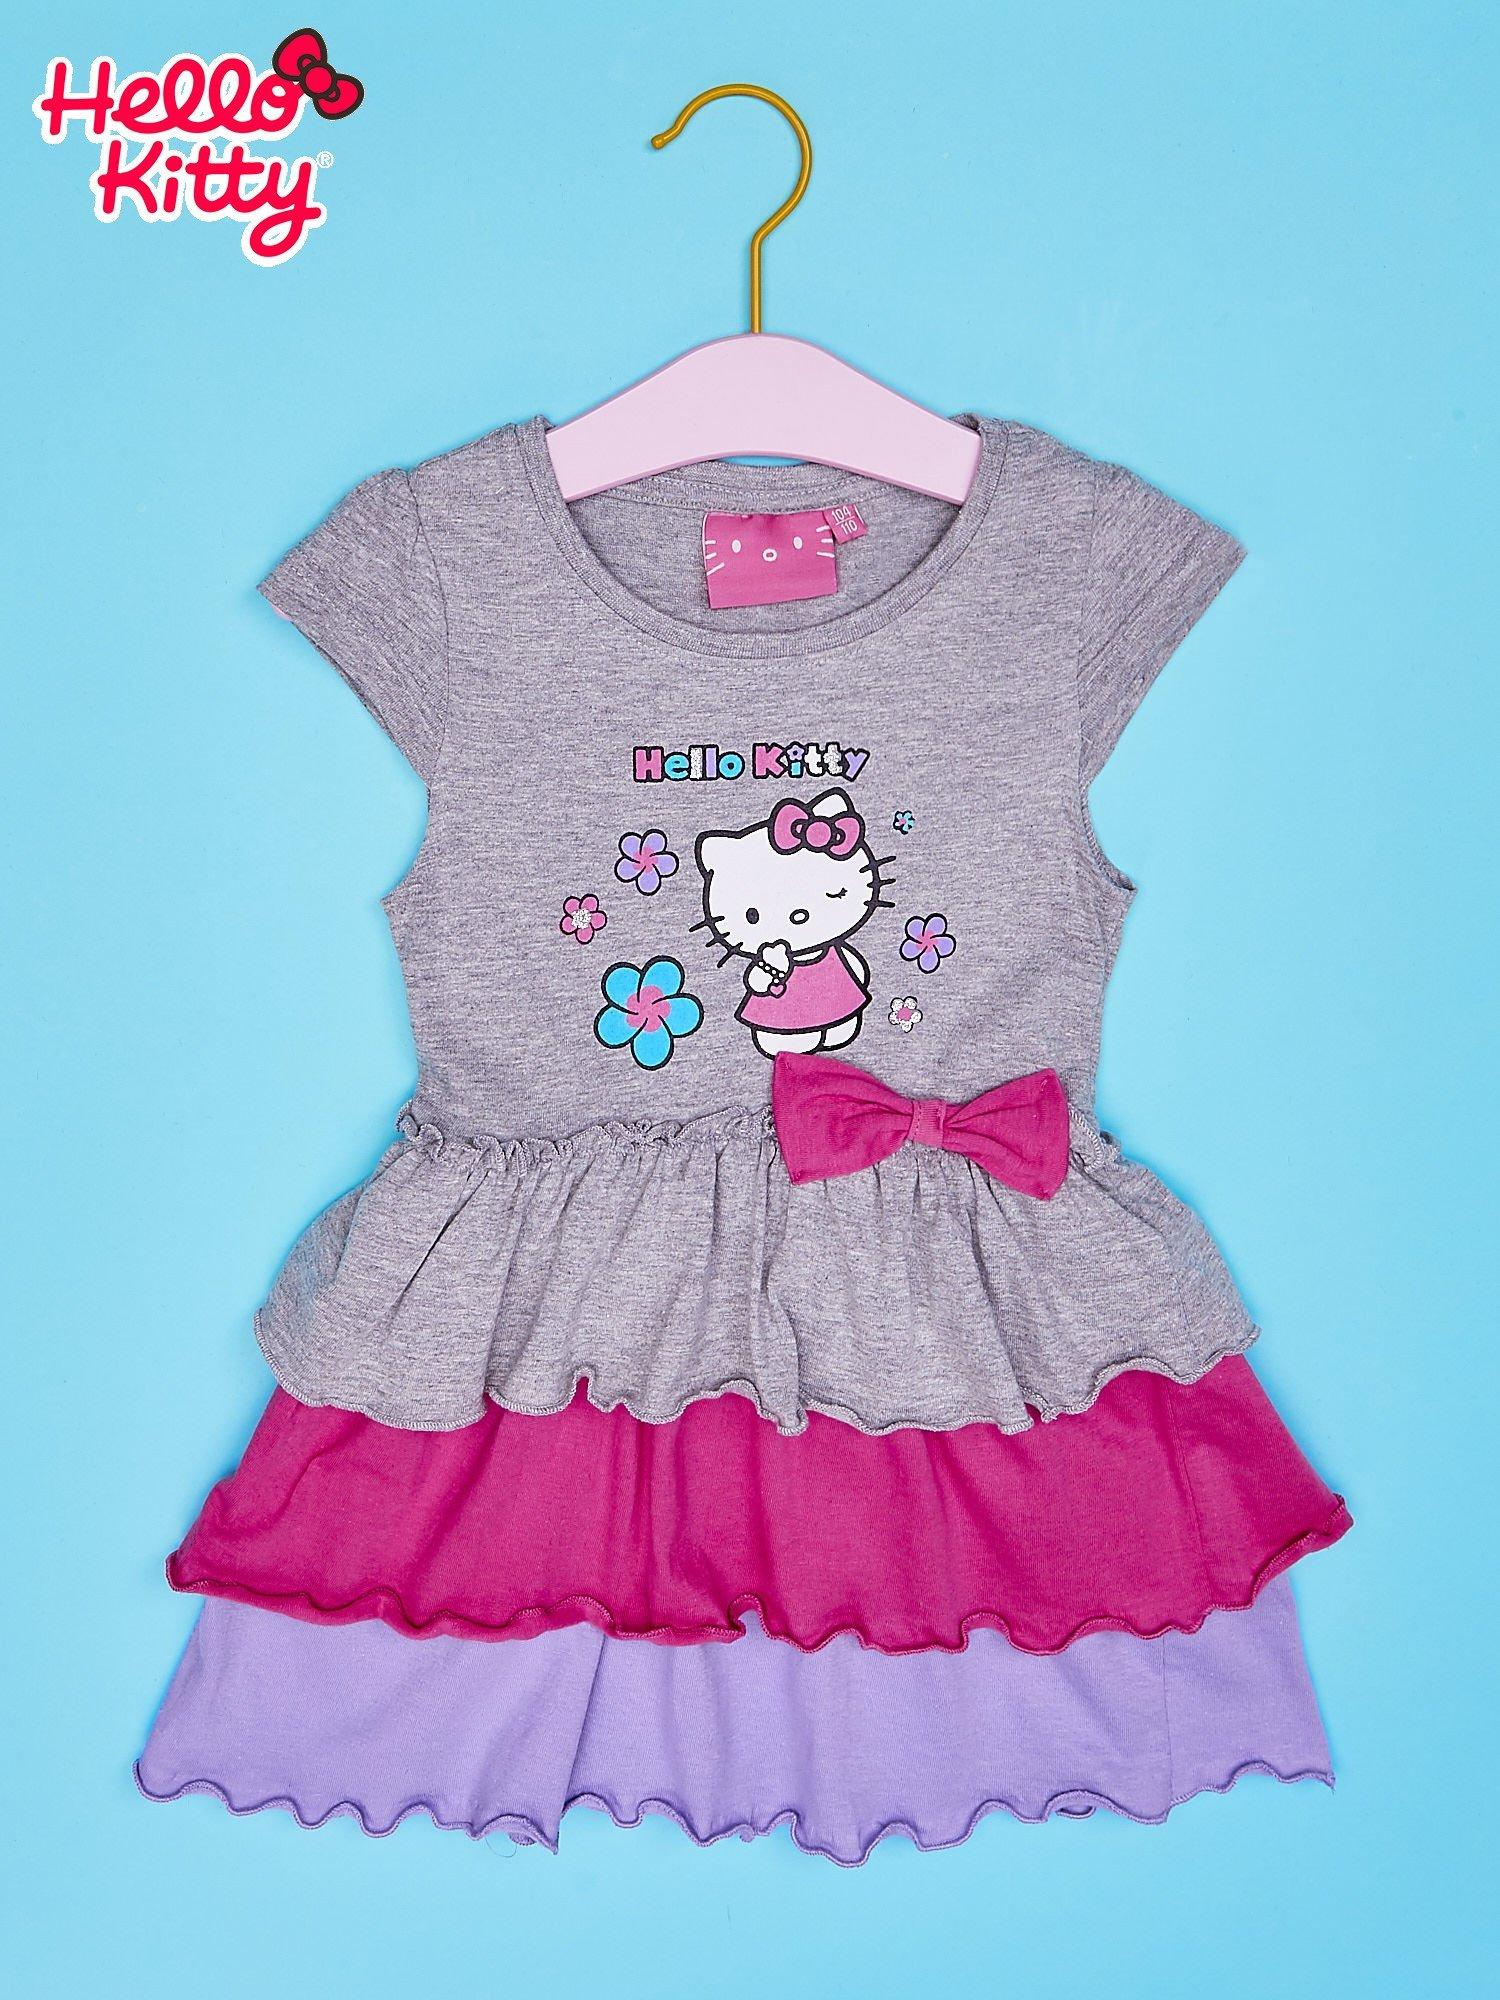 Szara spódnica dla dziewczynki HELLO KITTY z kokardką                                  zdj.                                  1